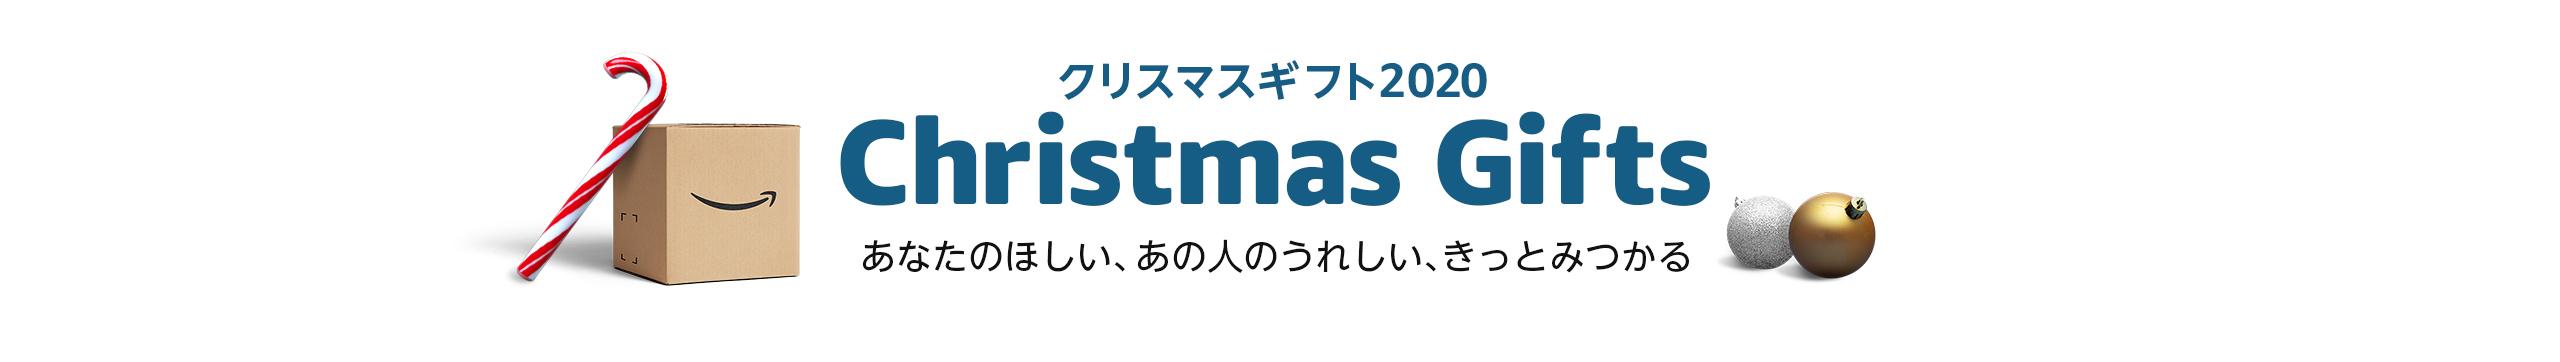 クリスマスギフト2020